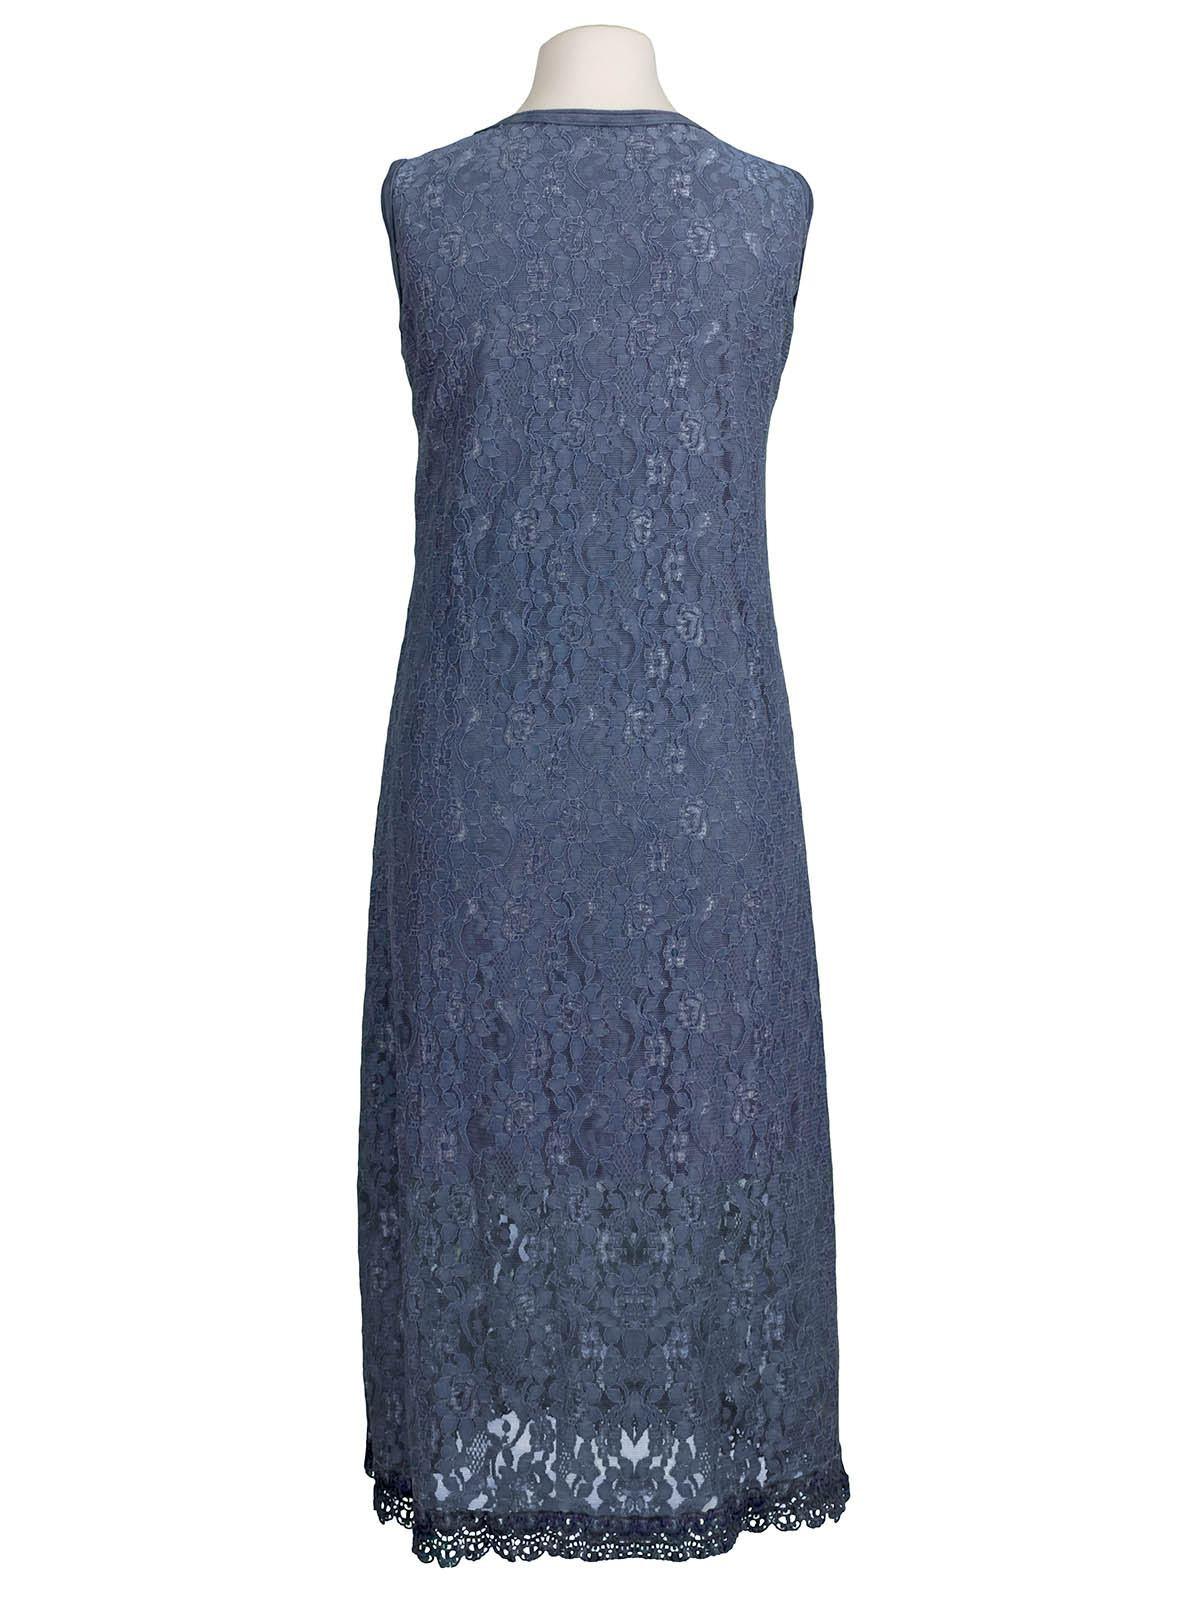 20 Schön Spitzenkleid Blau Design17 Erstaunlich Spitzenkleid Blau für 2019